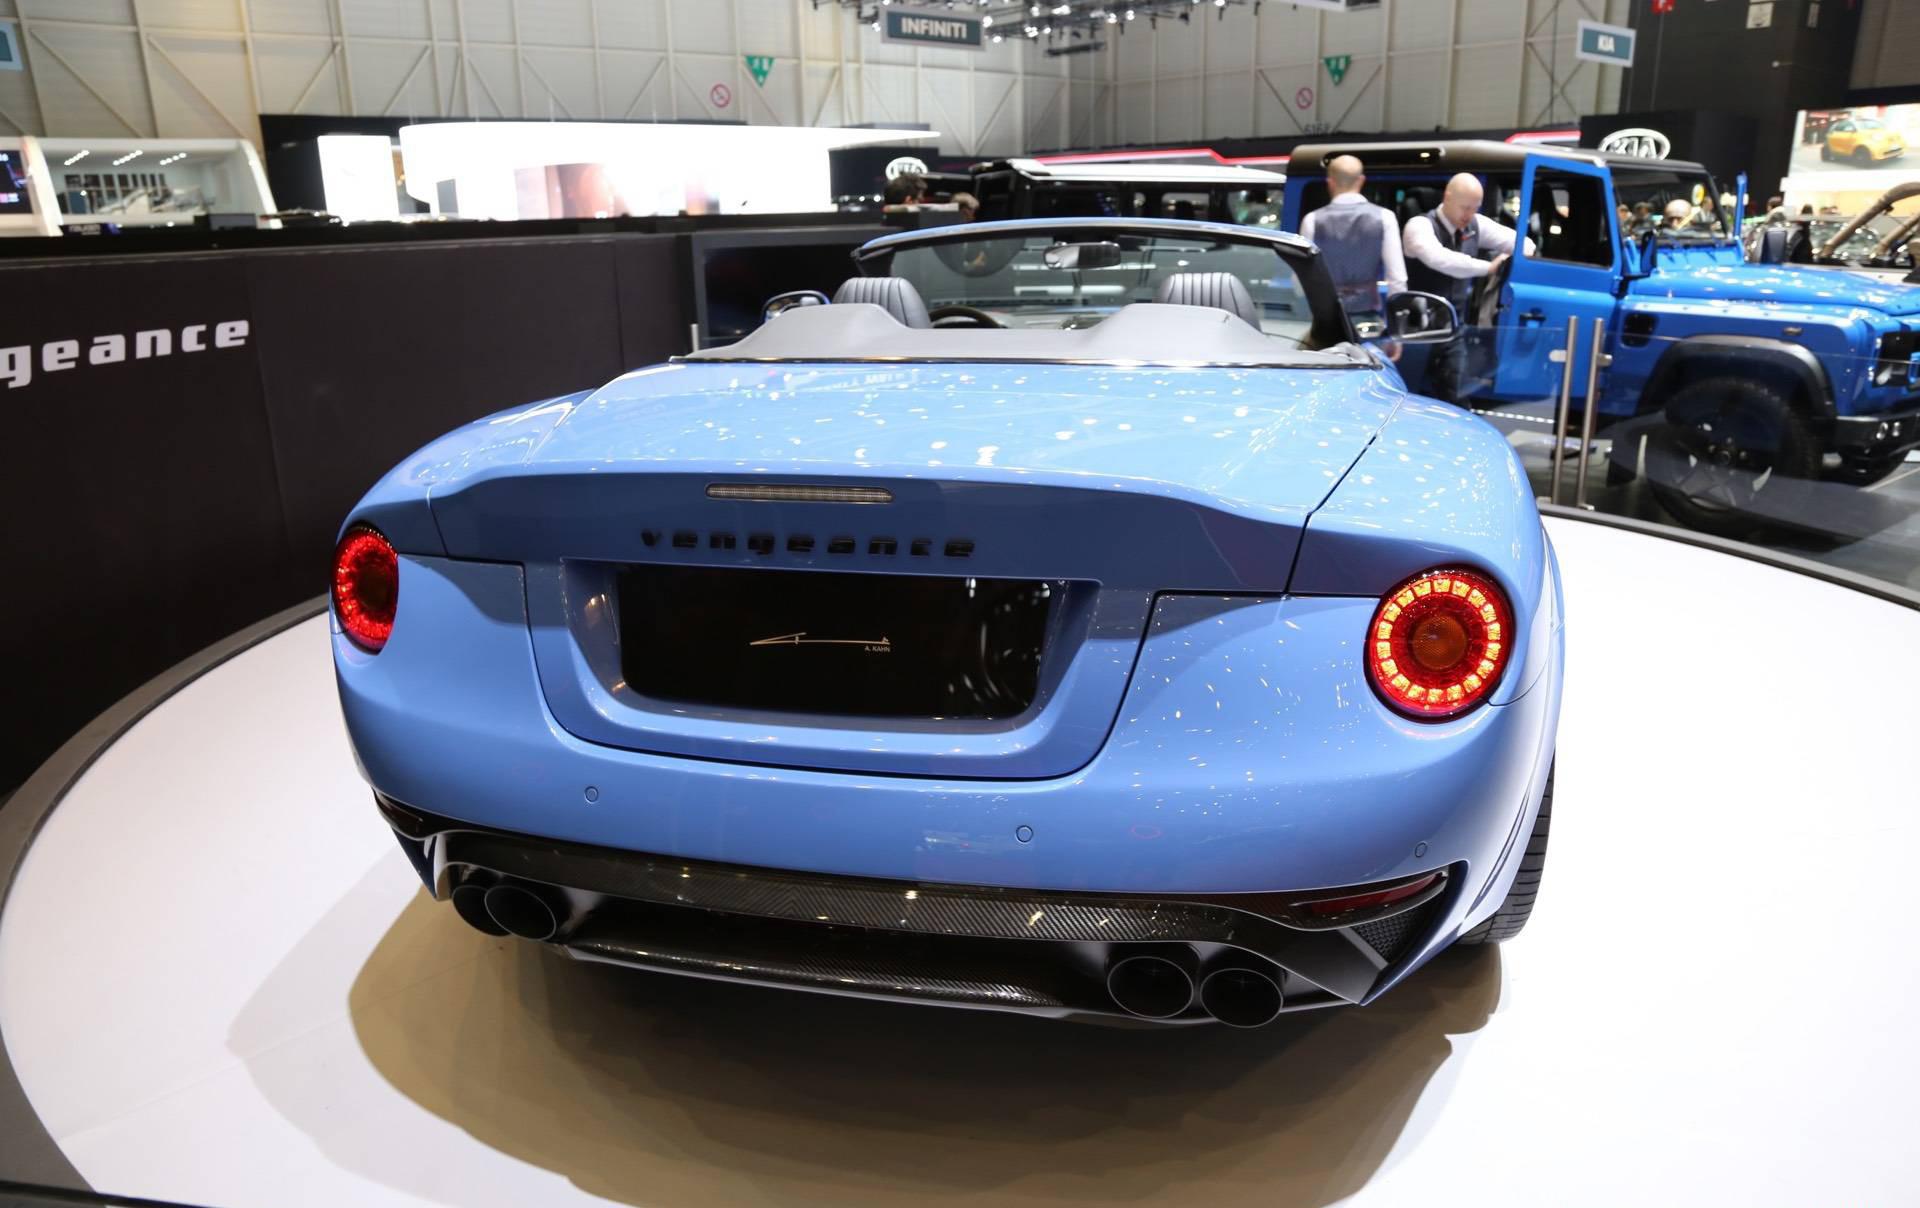 Его передняя, и особенно задняя части сильно отличаются от обычного Aston Martin DB9.